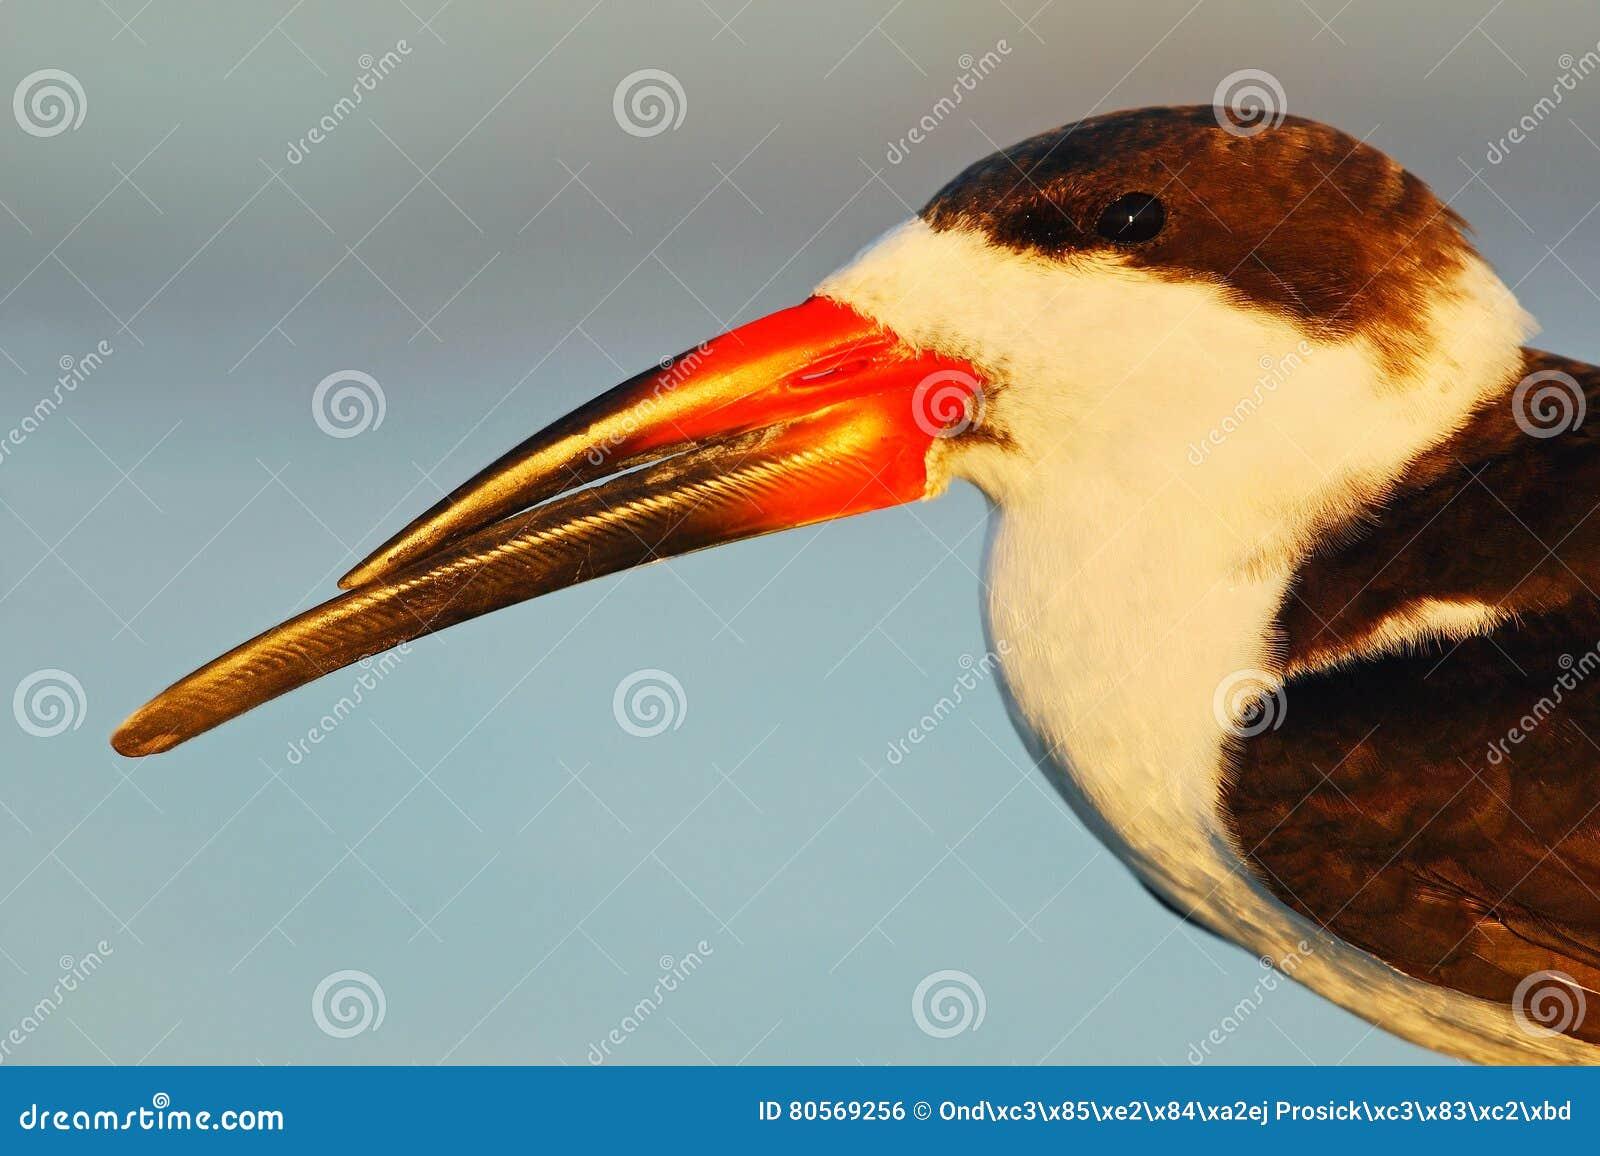 Portret ptak z dużym rachunkiem Czarny Cedzakowy, Rynchops Niger, piękny tern w wodzie Czerń Cedzakowy w Floryda wybrzeżu, USA